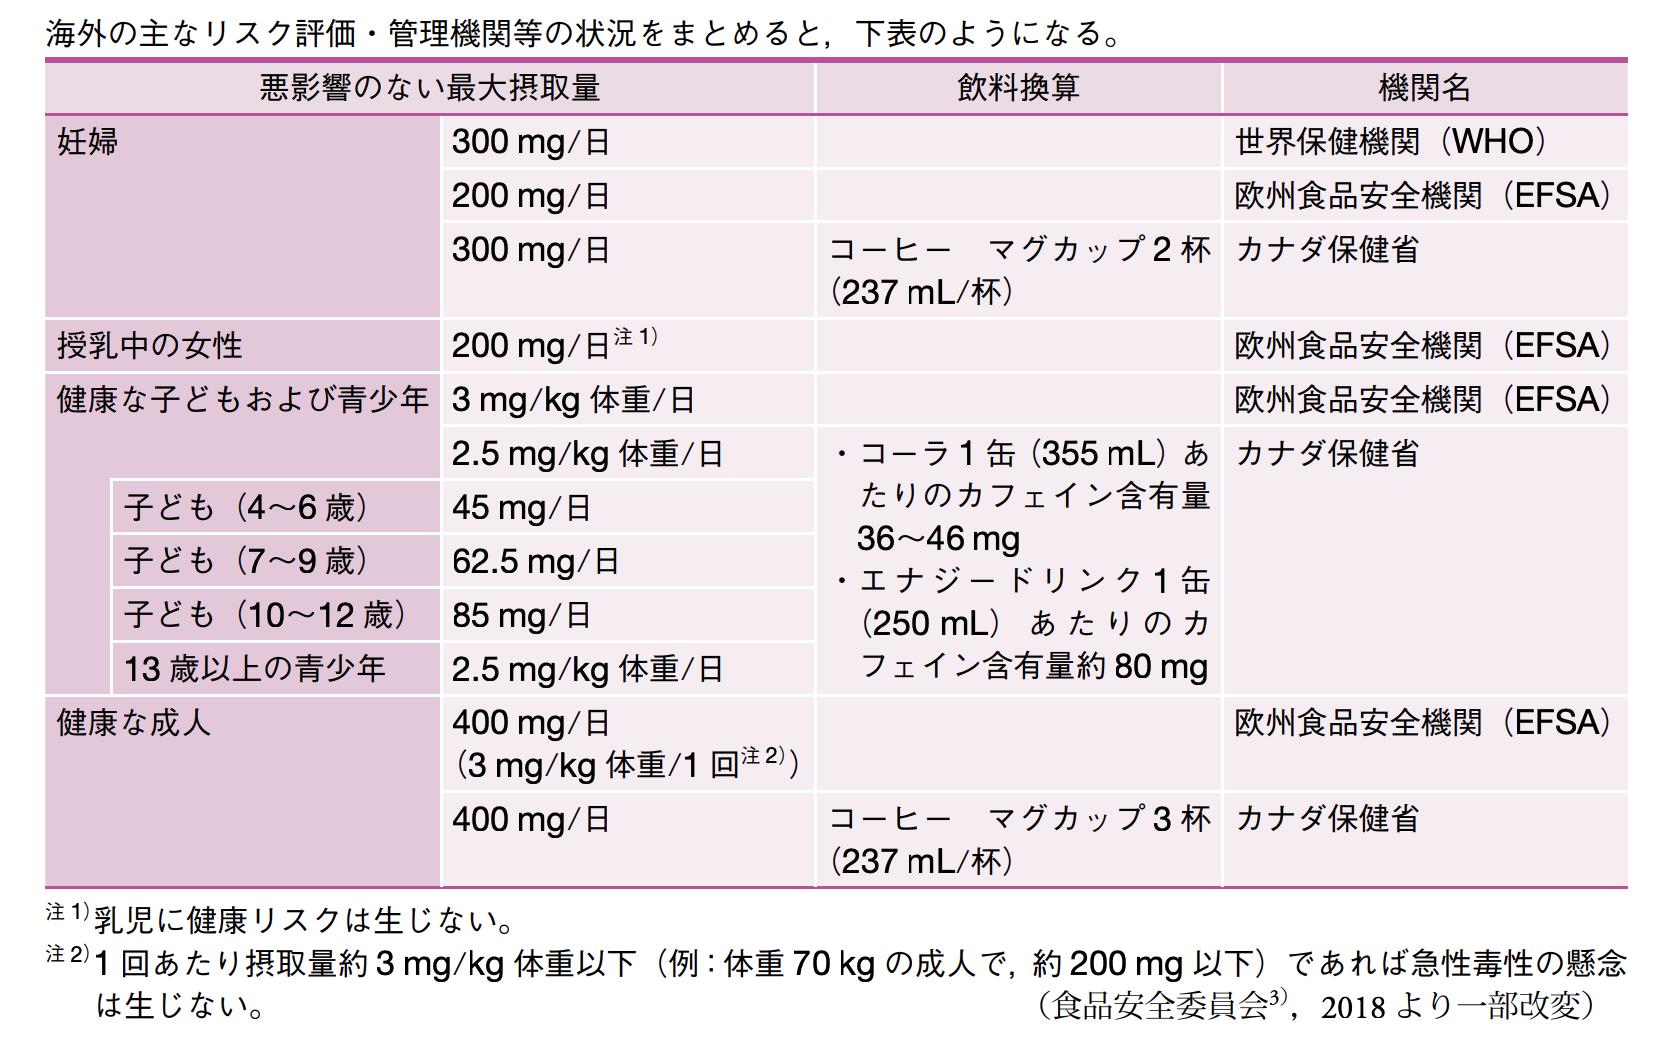 イン 症状 カフェ 中毒 カフェインで離脱症状が発生?!原因を詳しく解説!